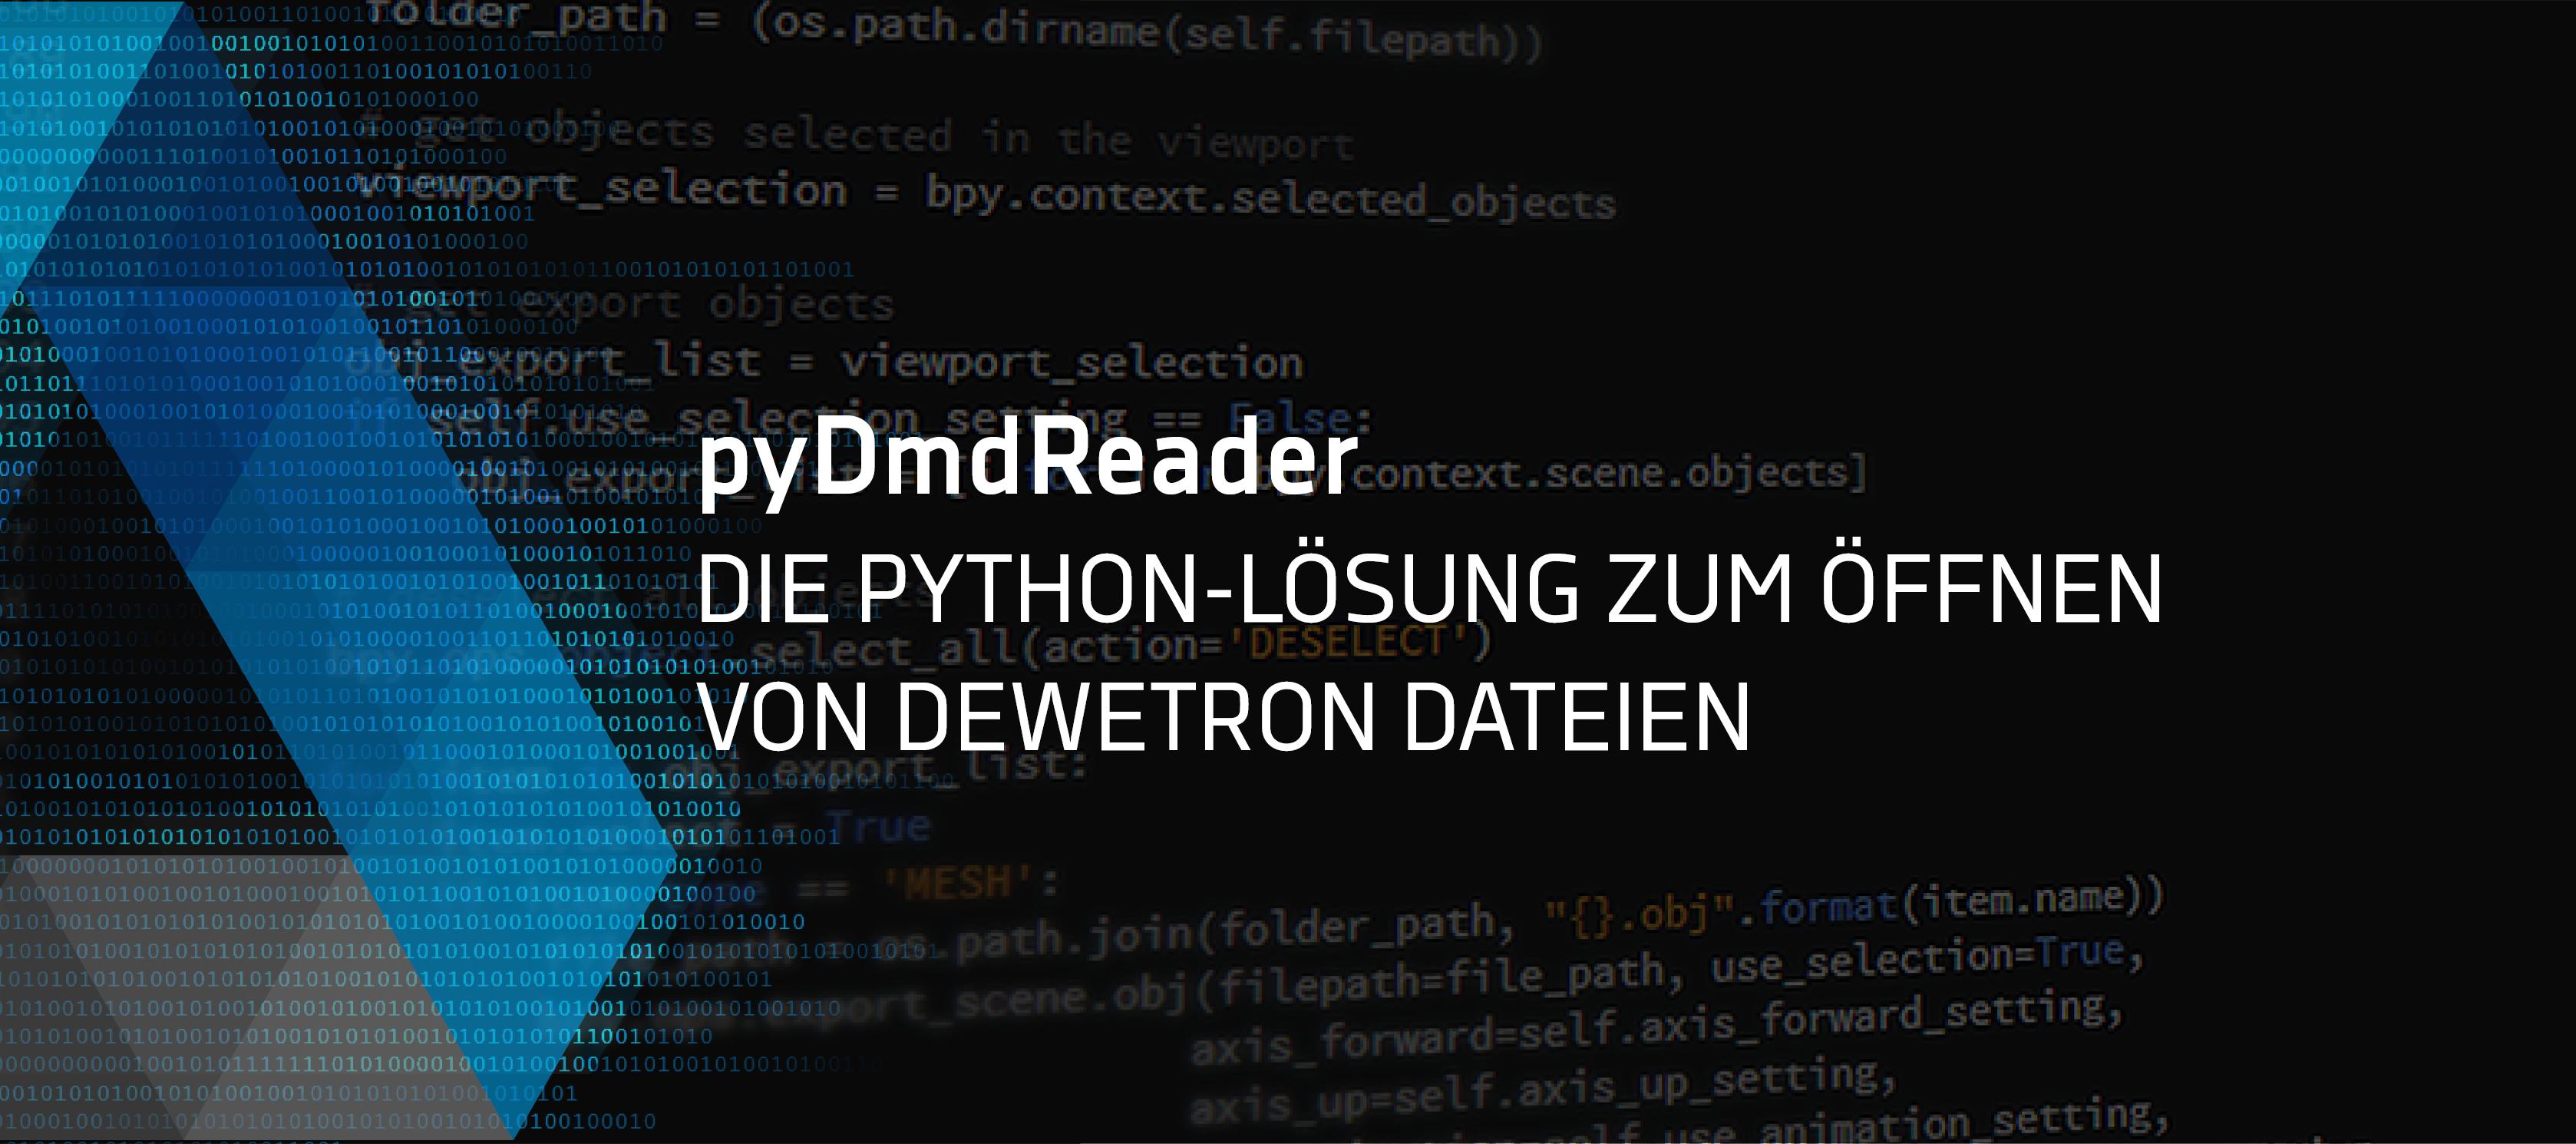 oxygen-python-dmd-reader